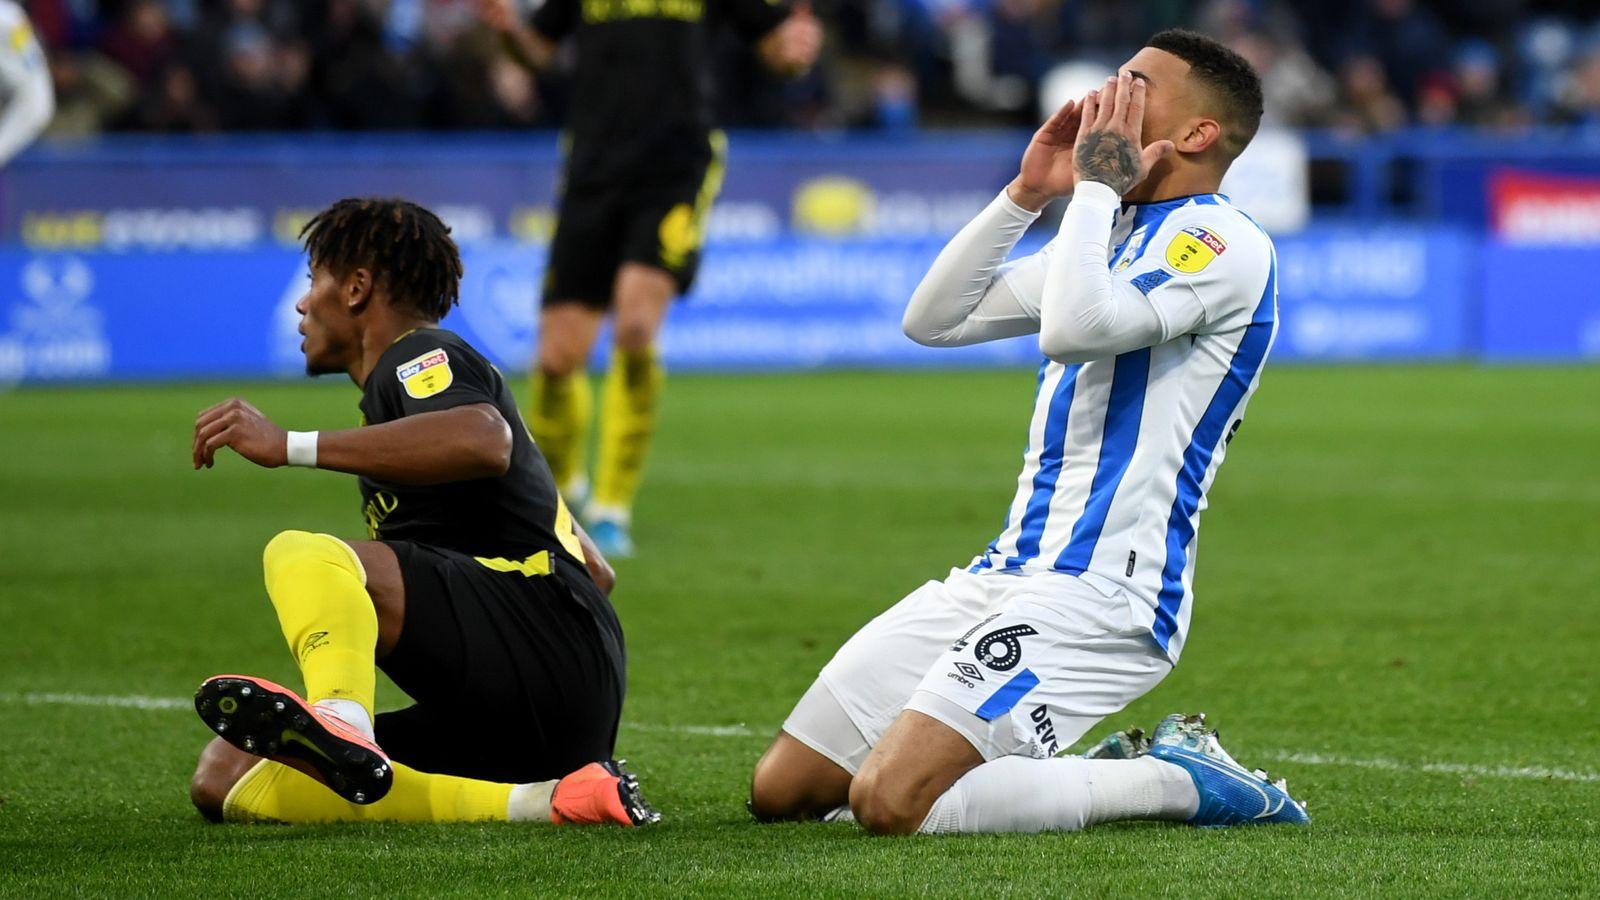 Huddersfield 0-0 Brentford: Bees held at the John Smith's Stadium